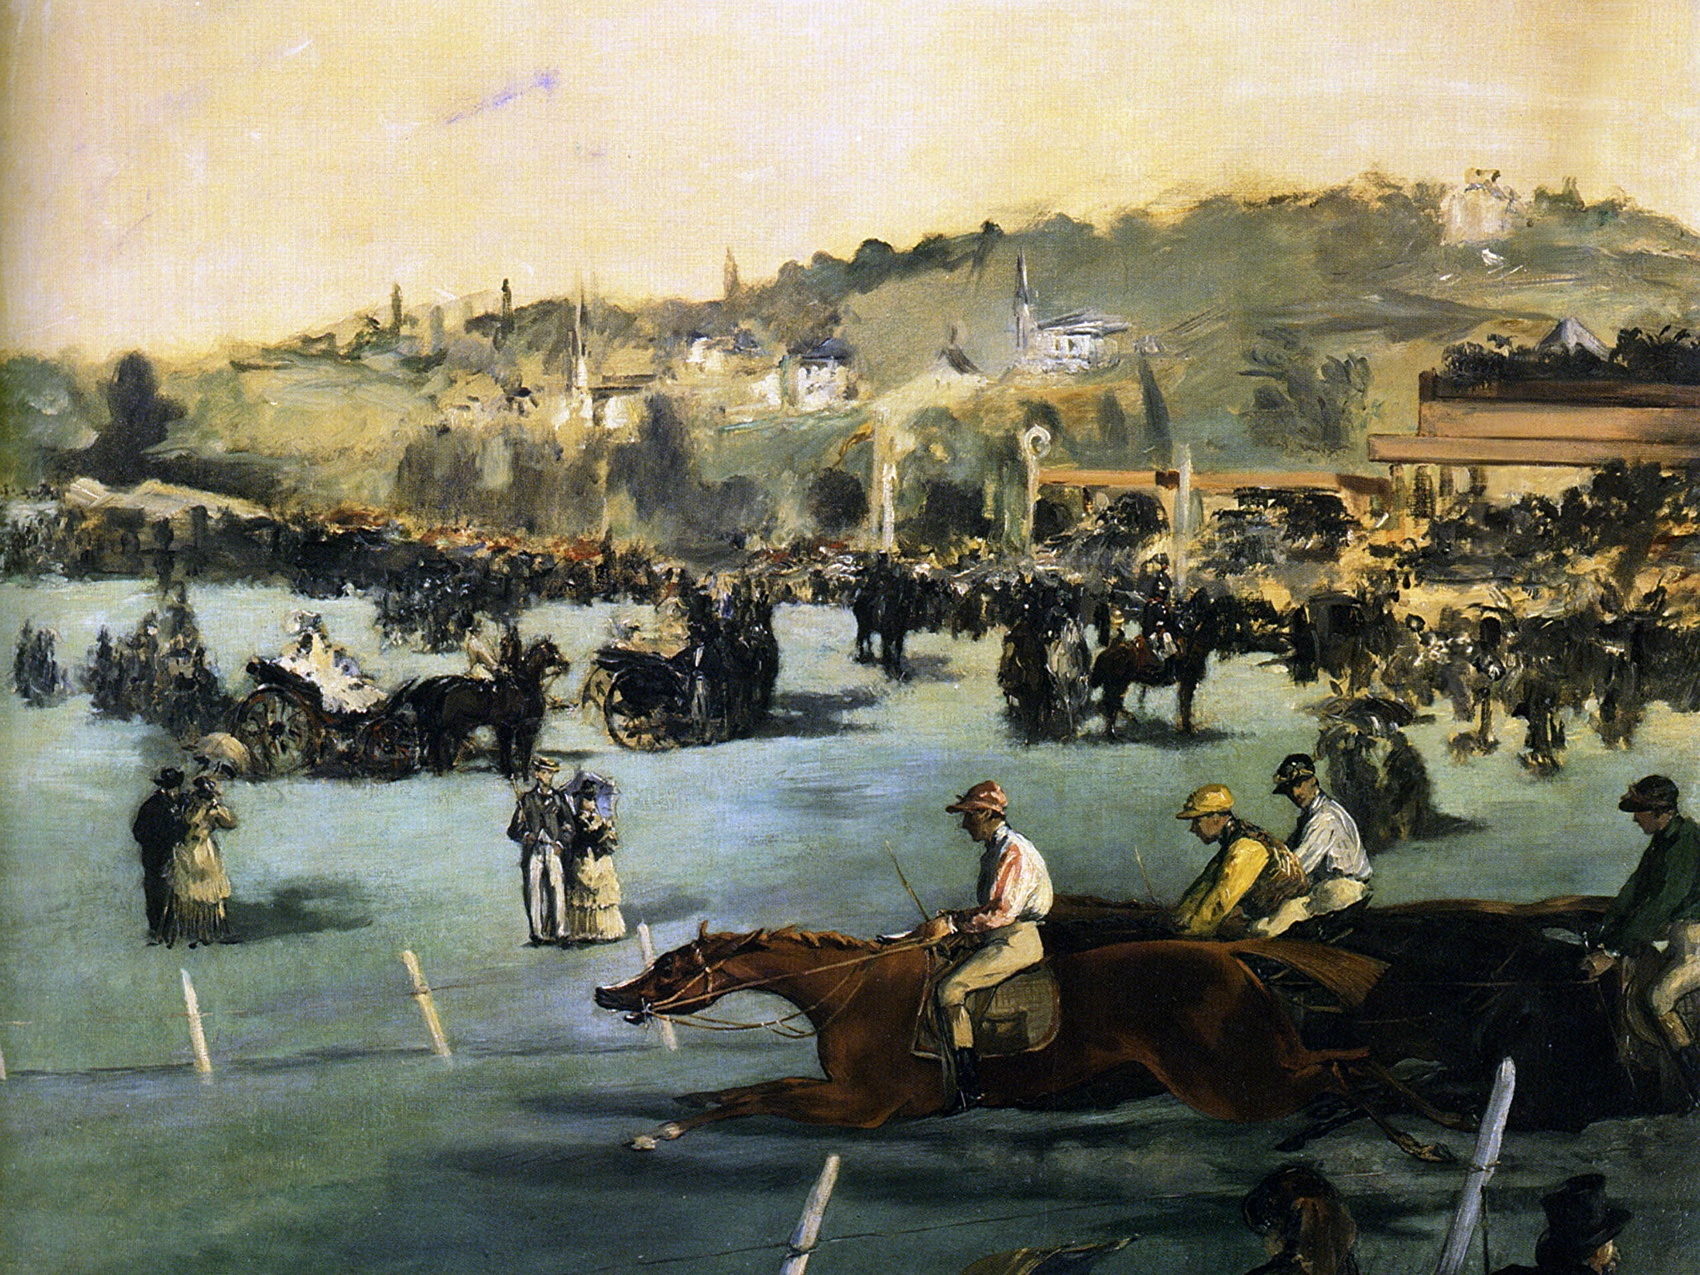 картина скачки в Булонском лесу :: Эдуард Мане - Edouard Manet фото